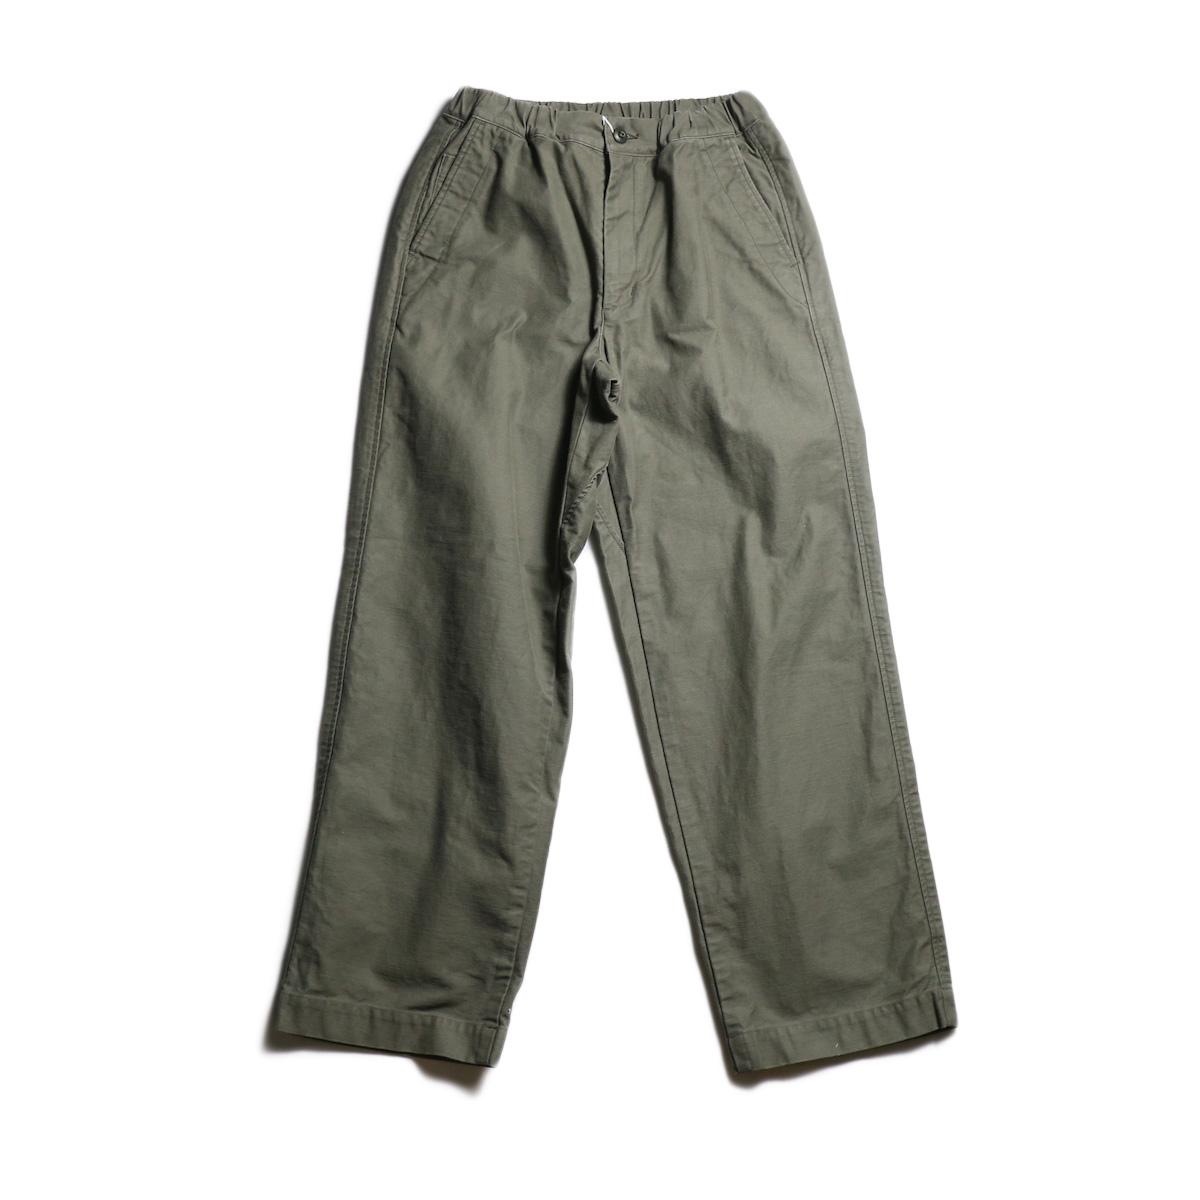 BRENA / Coq Pants (Olive)